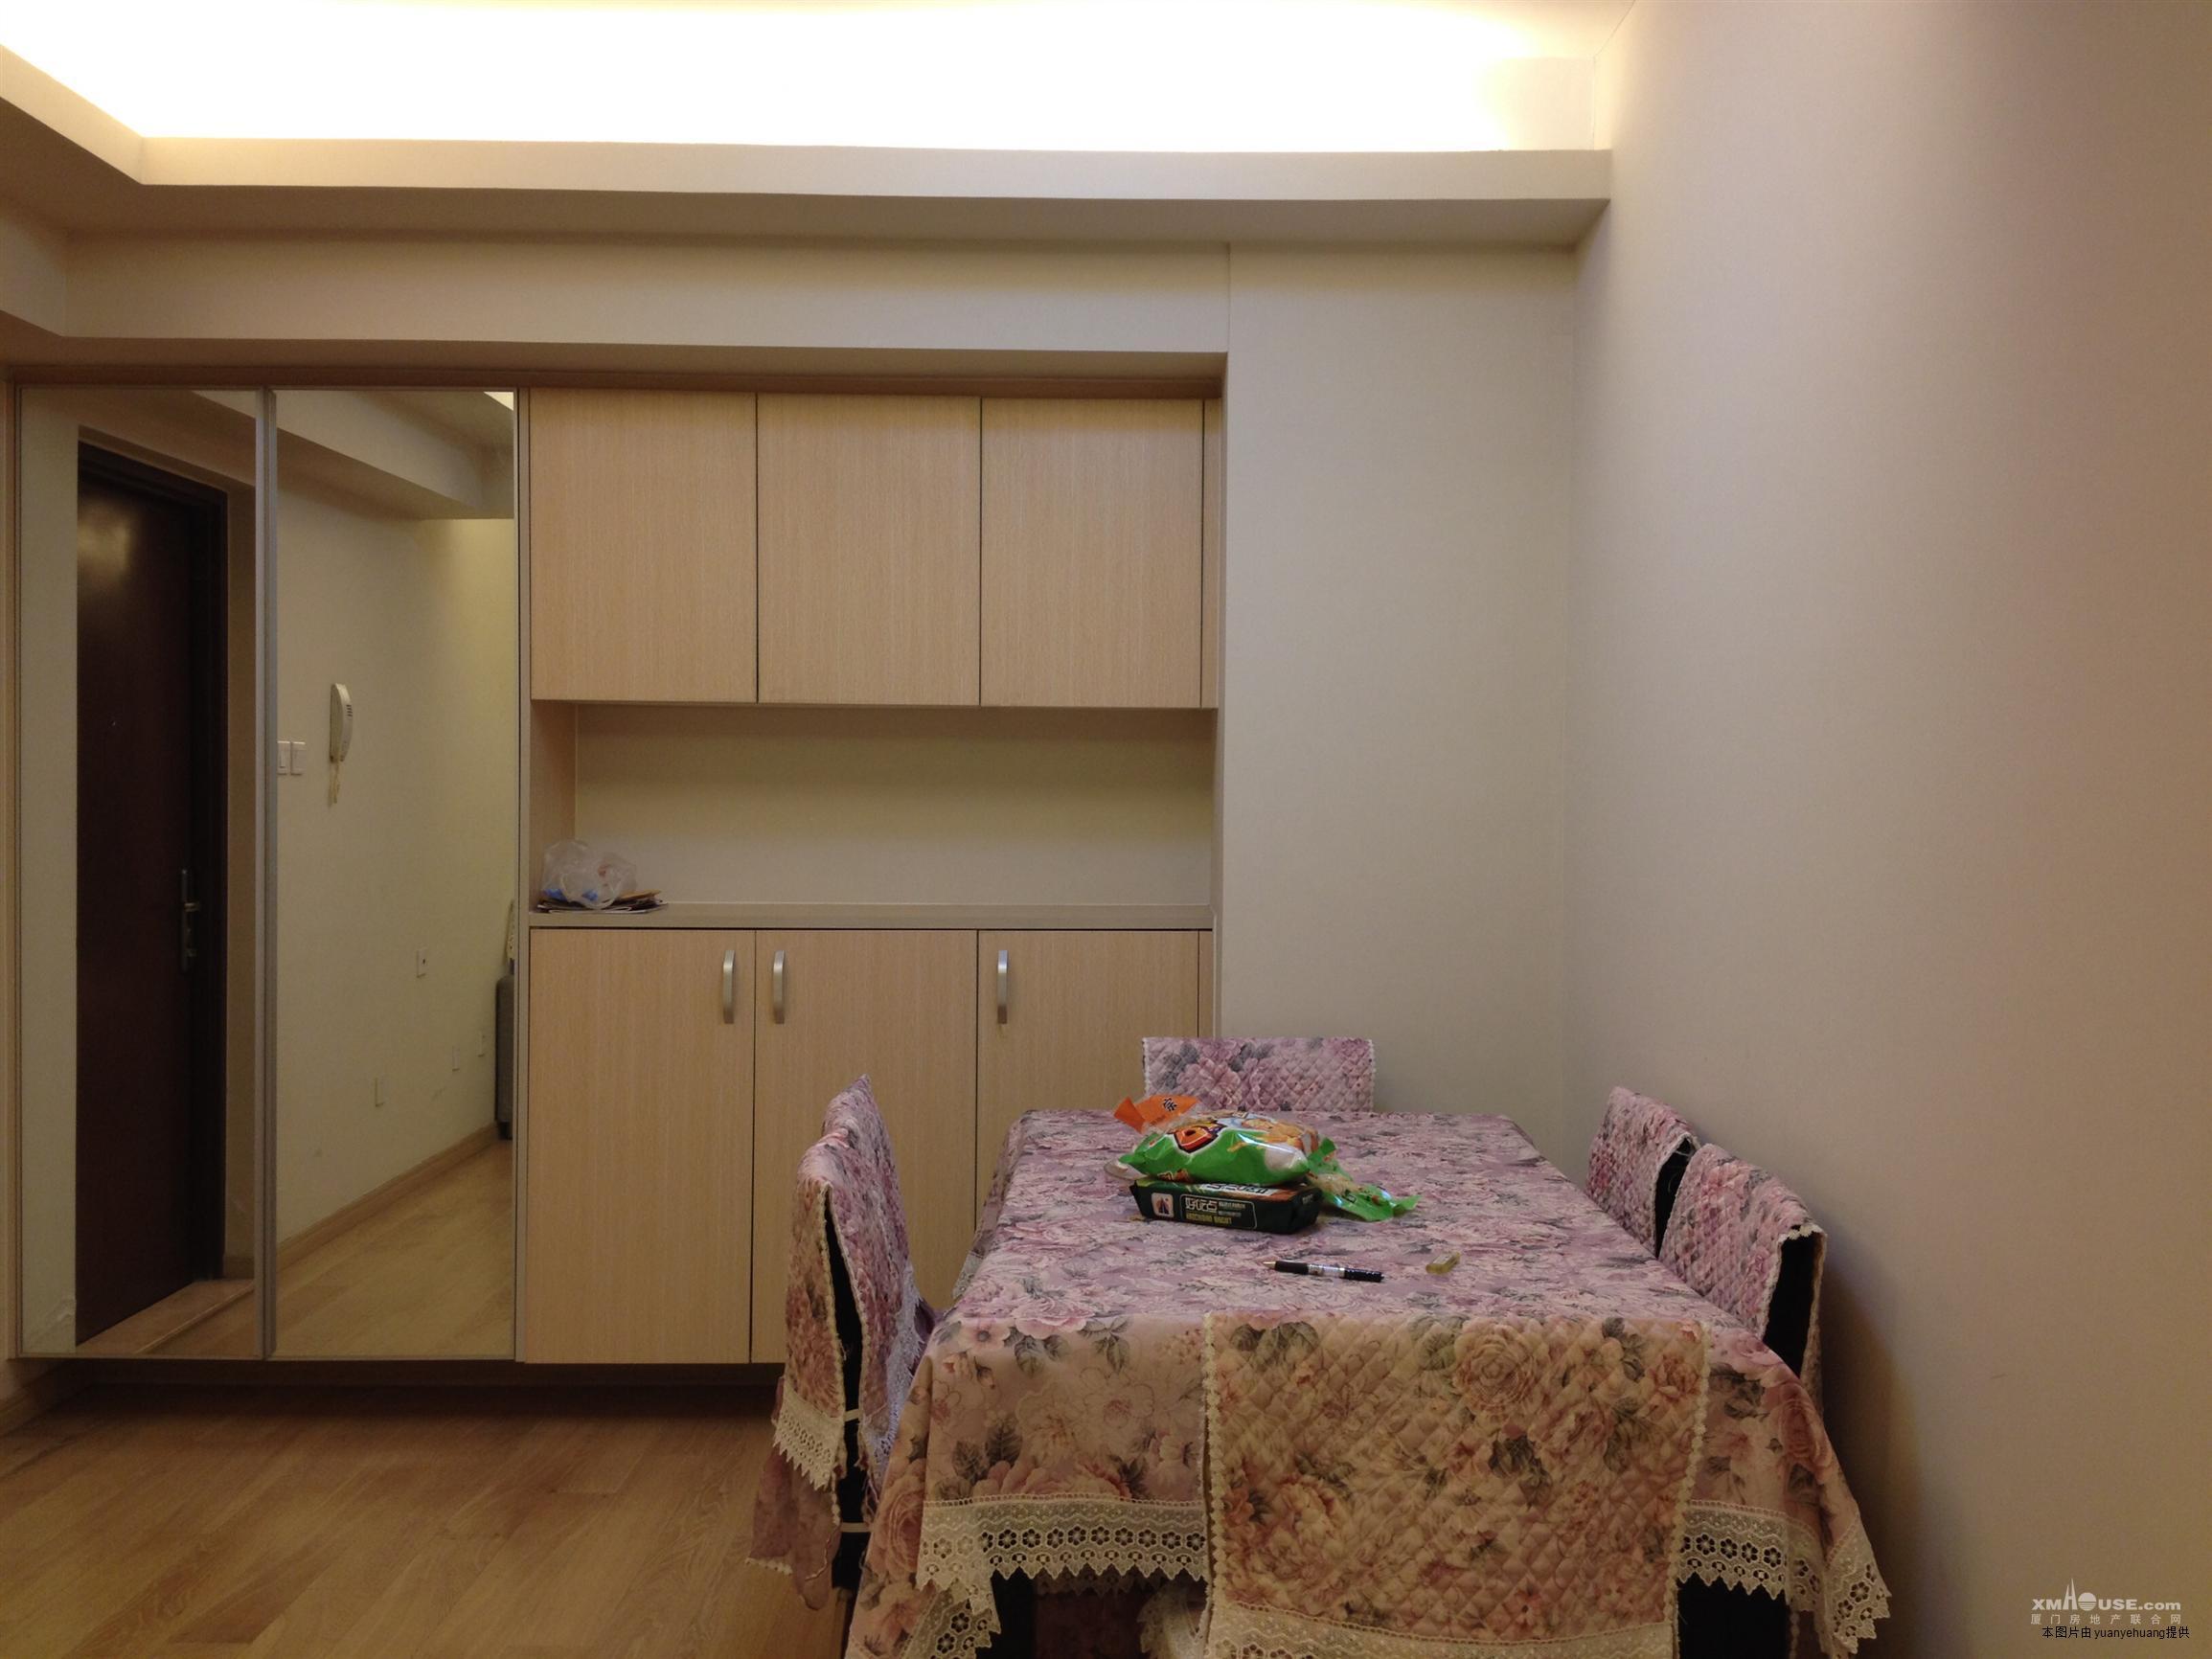 全新房子,精装修,全新家具家电按照自住标准配置.